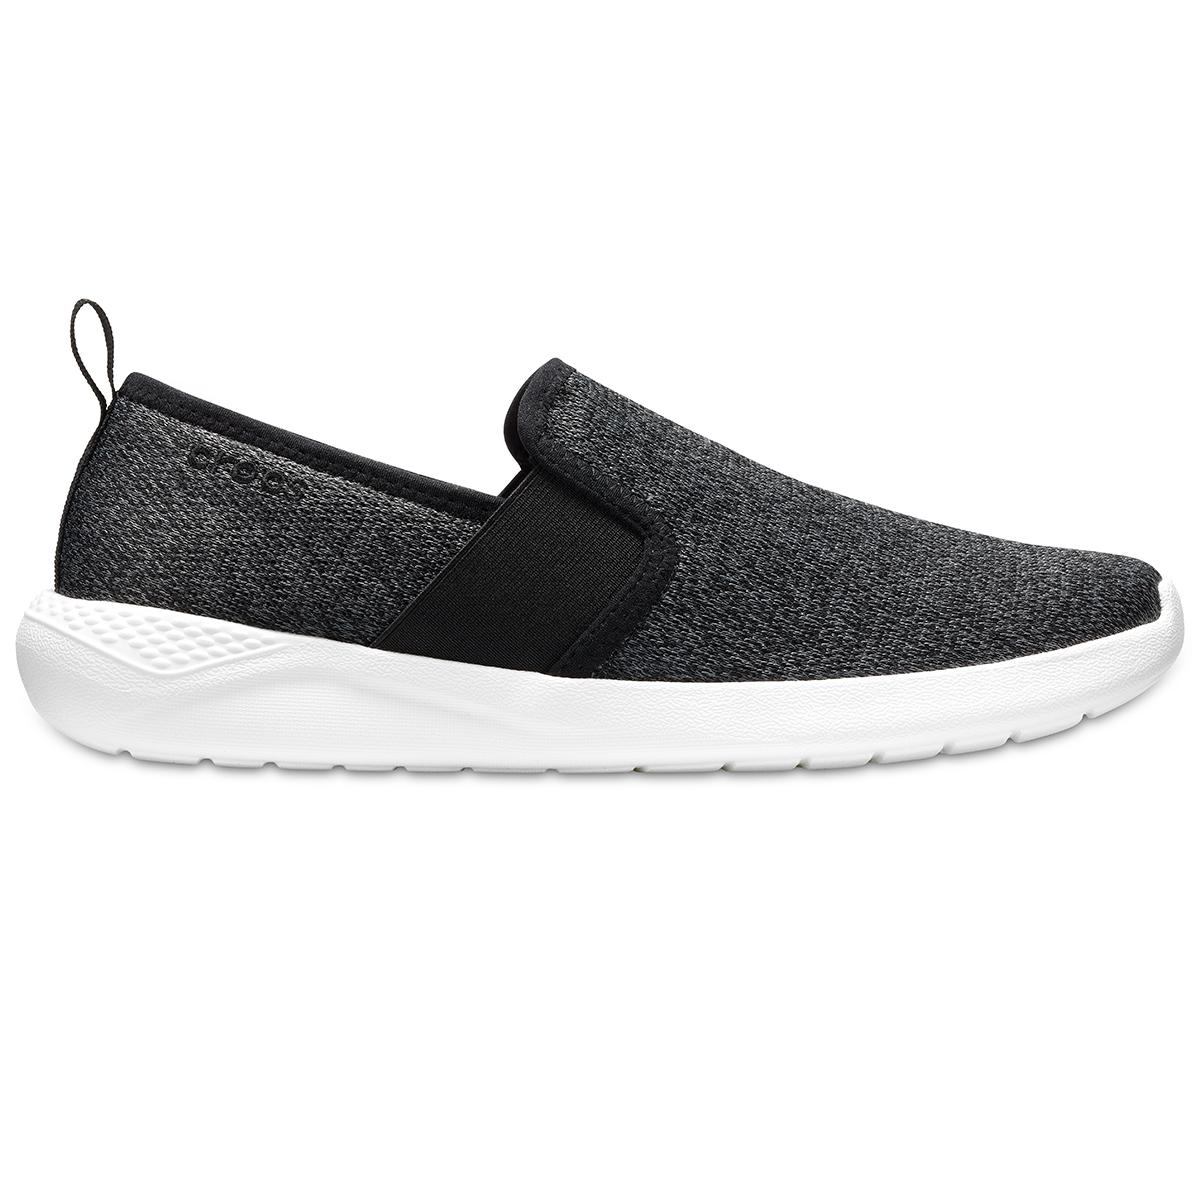 Crocs LiteRide Slip-Ons M - Siyah/Beyaz